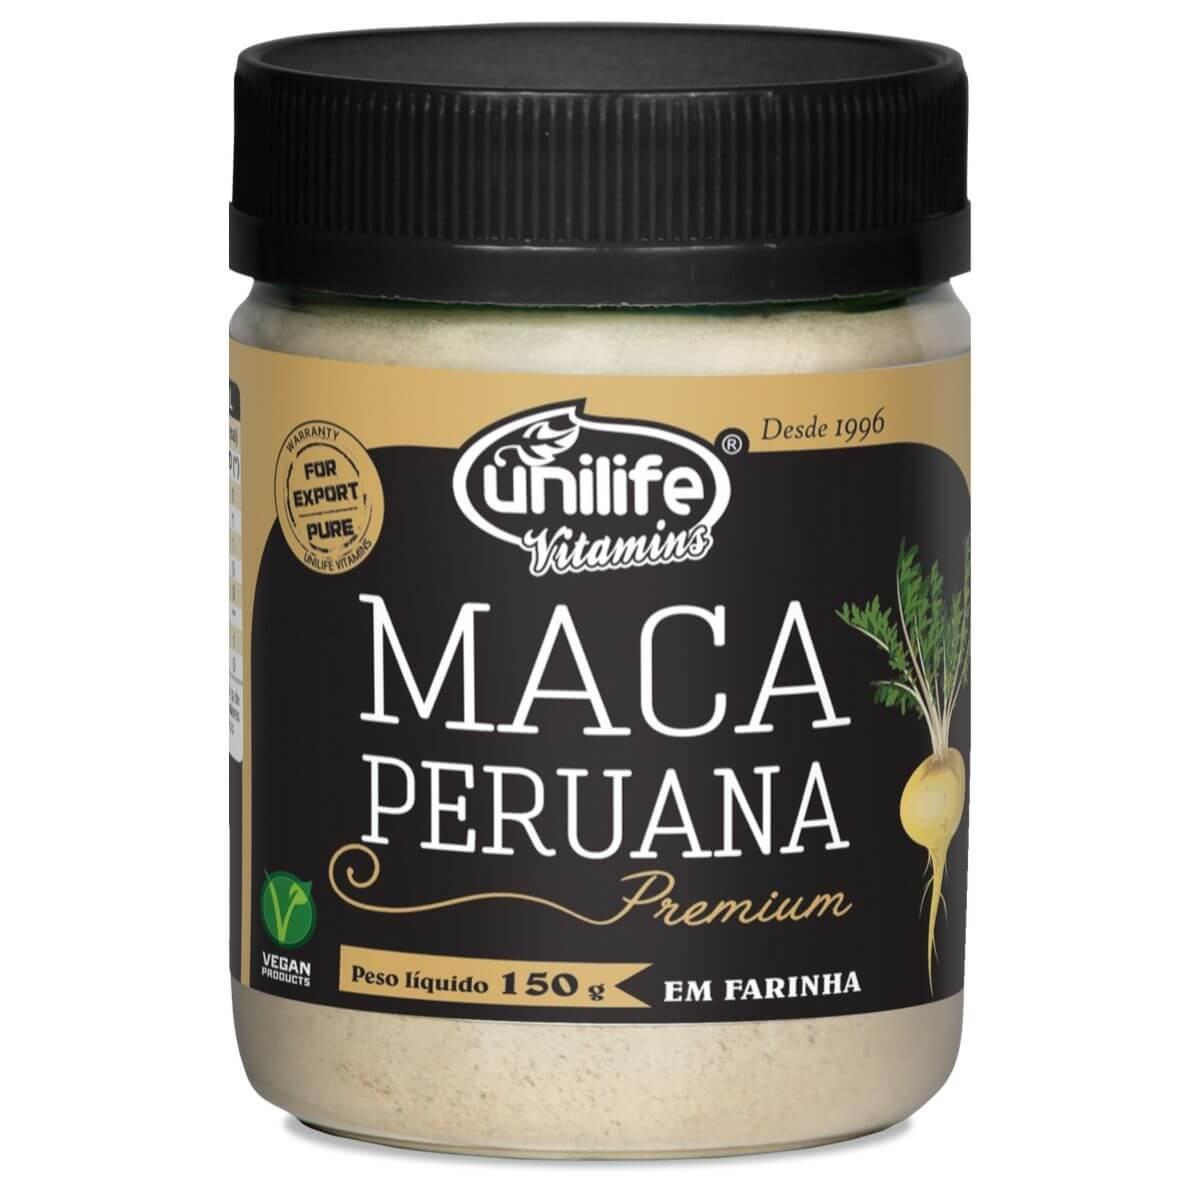 Maca Peruana Premium Em Pó 150g - Unilife